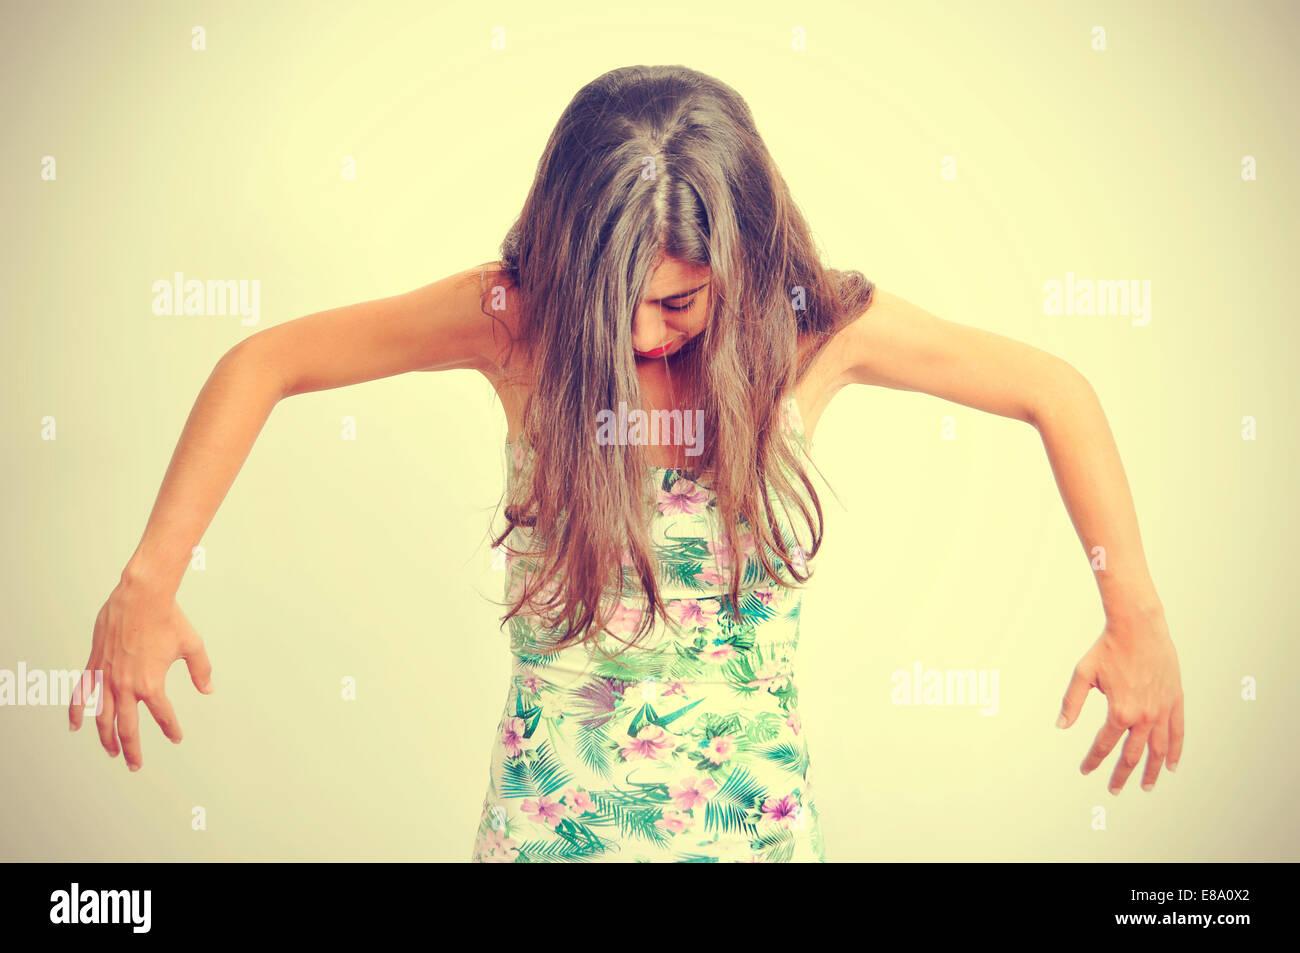 Ritratto di una giovane donna bruna eseguendo la danza contemporanea, con un effetto retrò Immagini Stock